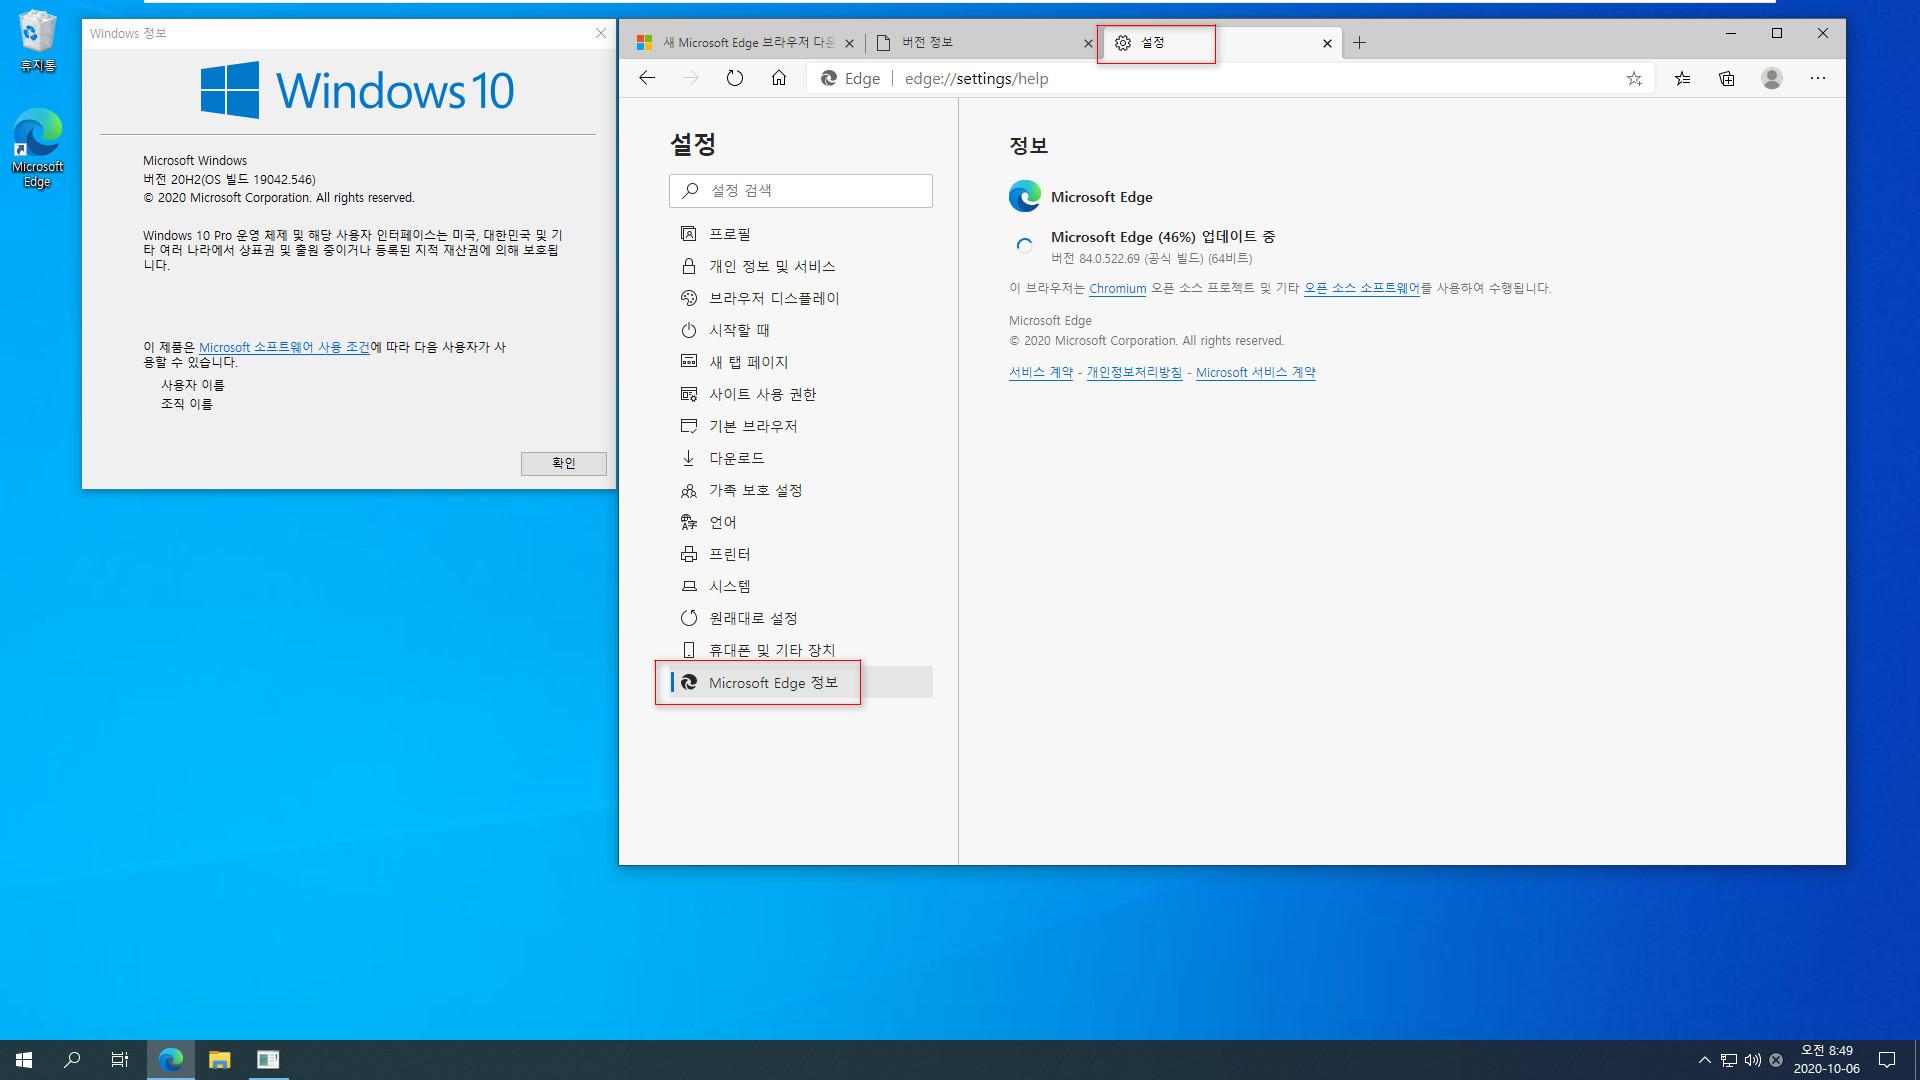 버전 2004 (20H1)에서 버전 2009 (20H2) 업그레이드하기 2020-10-06_084929.jpg